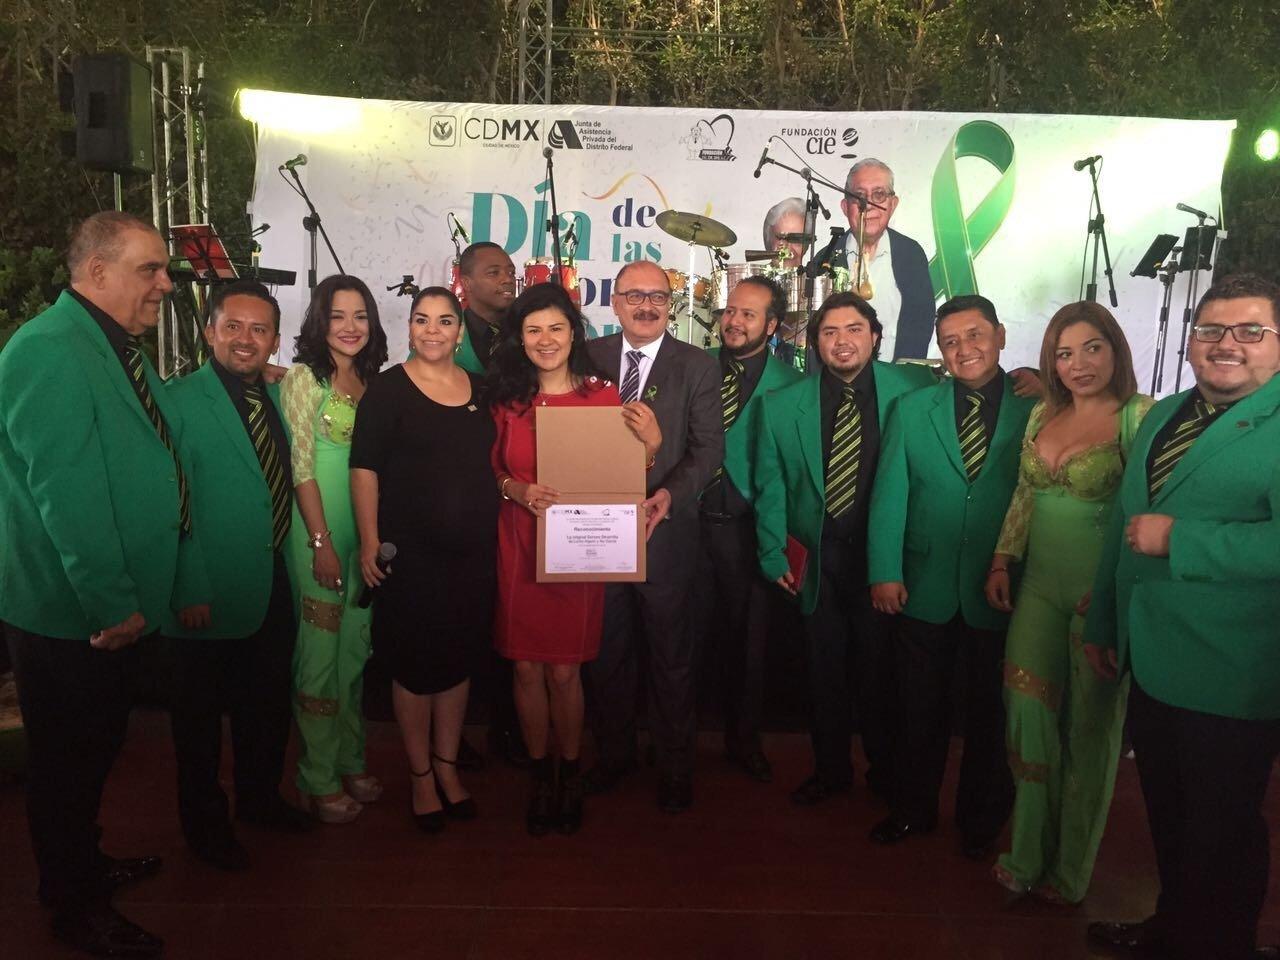 La Original Sonora Dinamita y Fundación CIE, festejaron el Día de las Personas Mayores